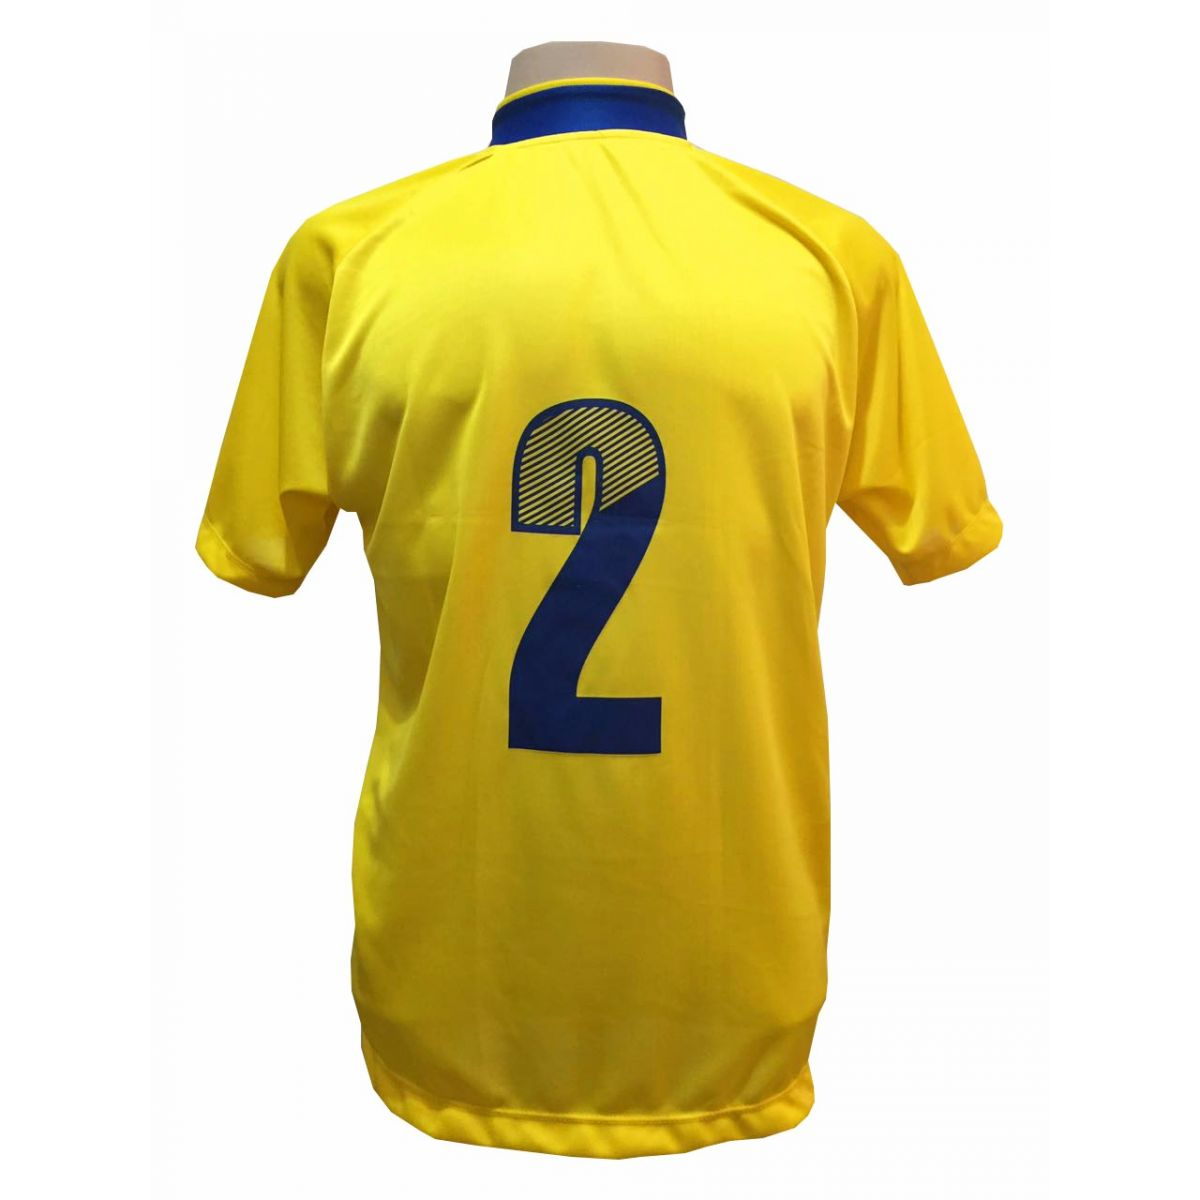 Jogo de Camisa com 18 unidades modelo Milan Amarelo/Royal + Brindes